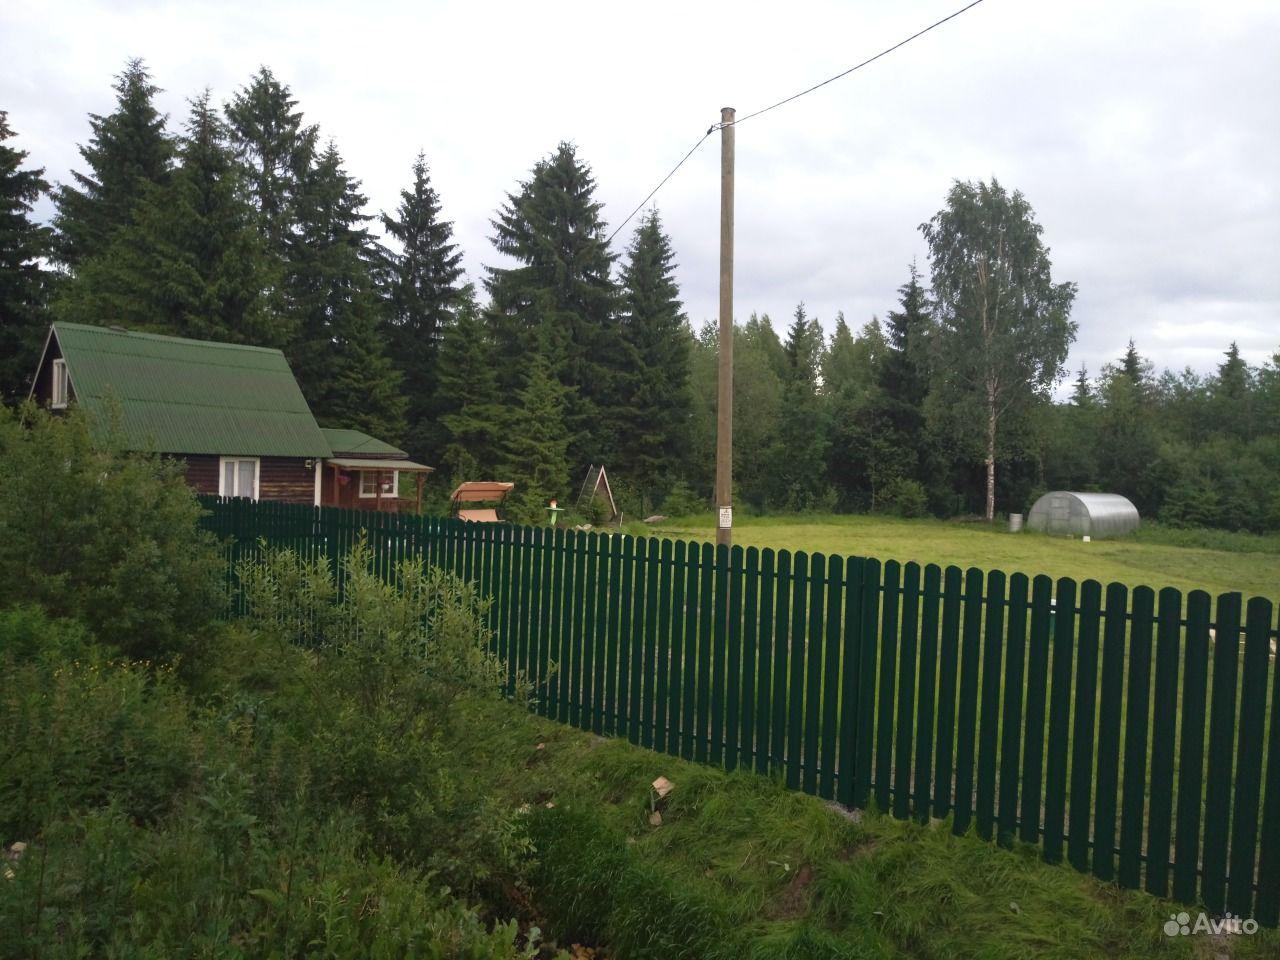 Установка заборов в Ленинградской области купить на Вуёк.ру - фотография № 3